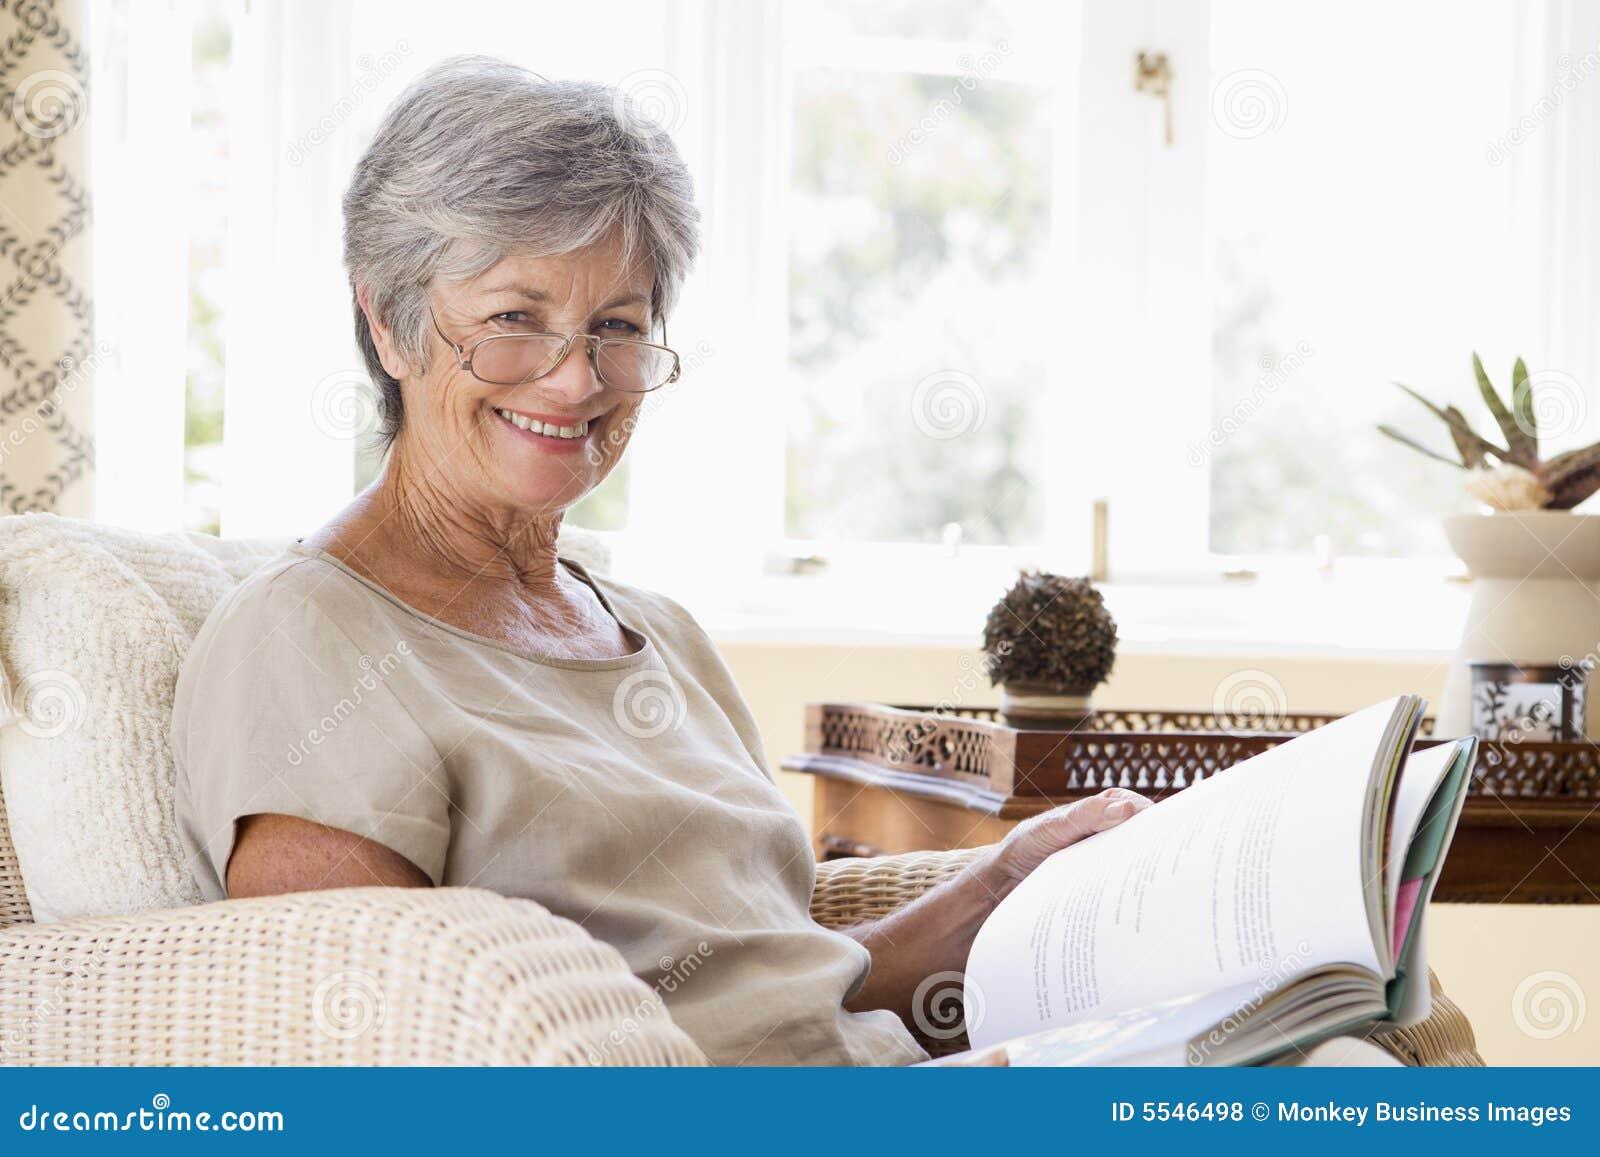 Предложения от пожилых дам 4 фотография